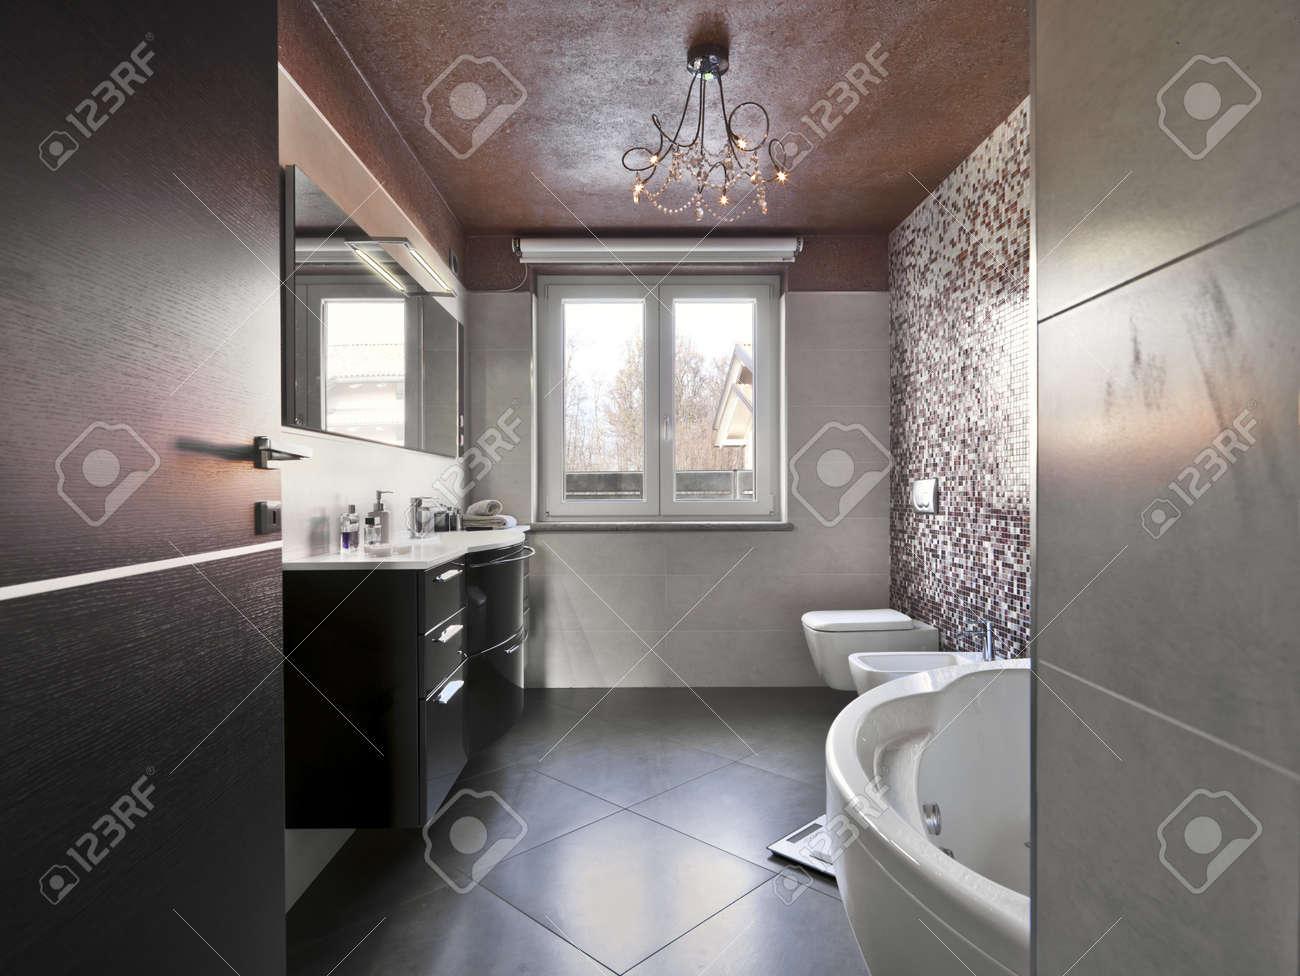 archivio fotografico bagno moderno con vasca e lavabo